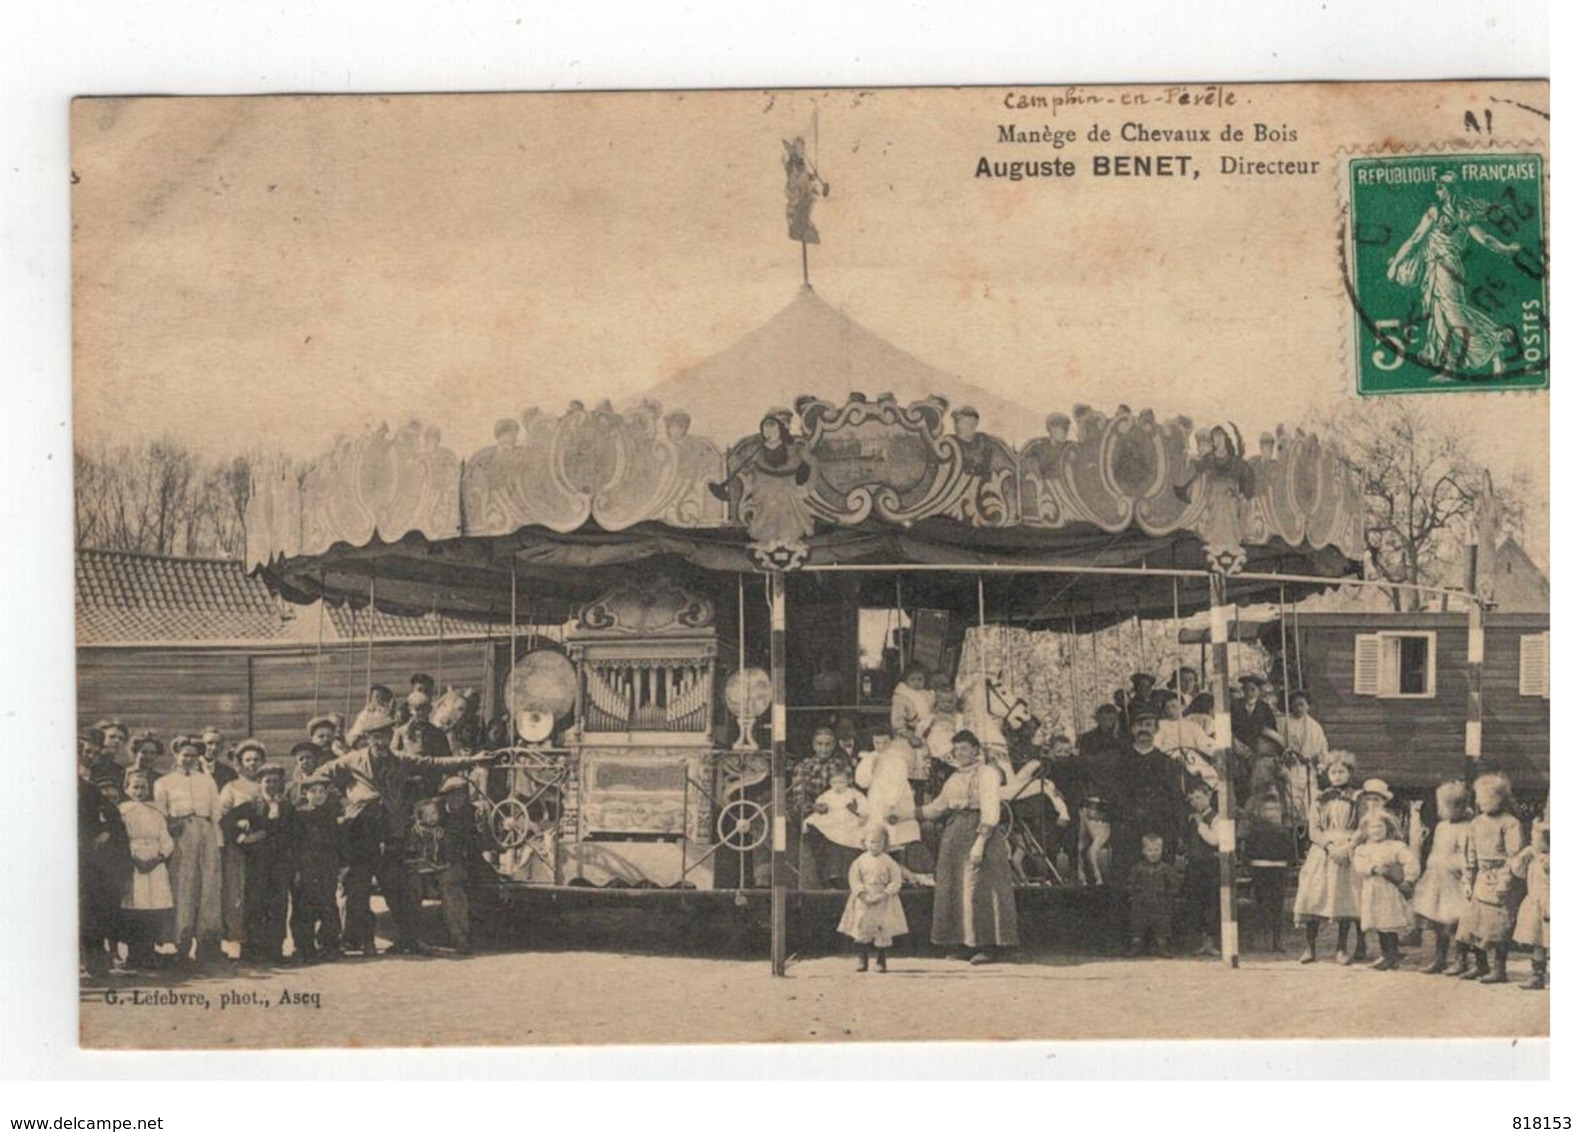 Camphin-en-Pévèle  Manège De Bois  Auguste BENET,Directeur 1913 - Autres Communes